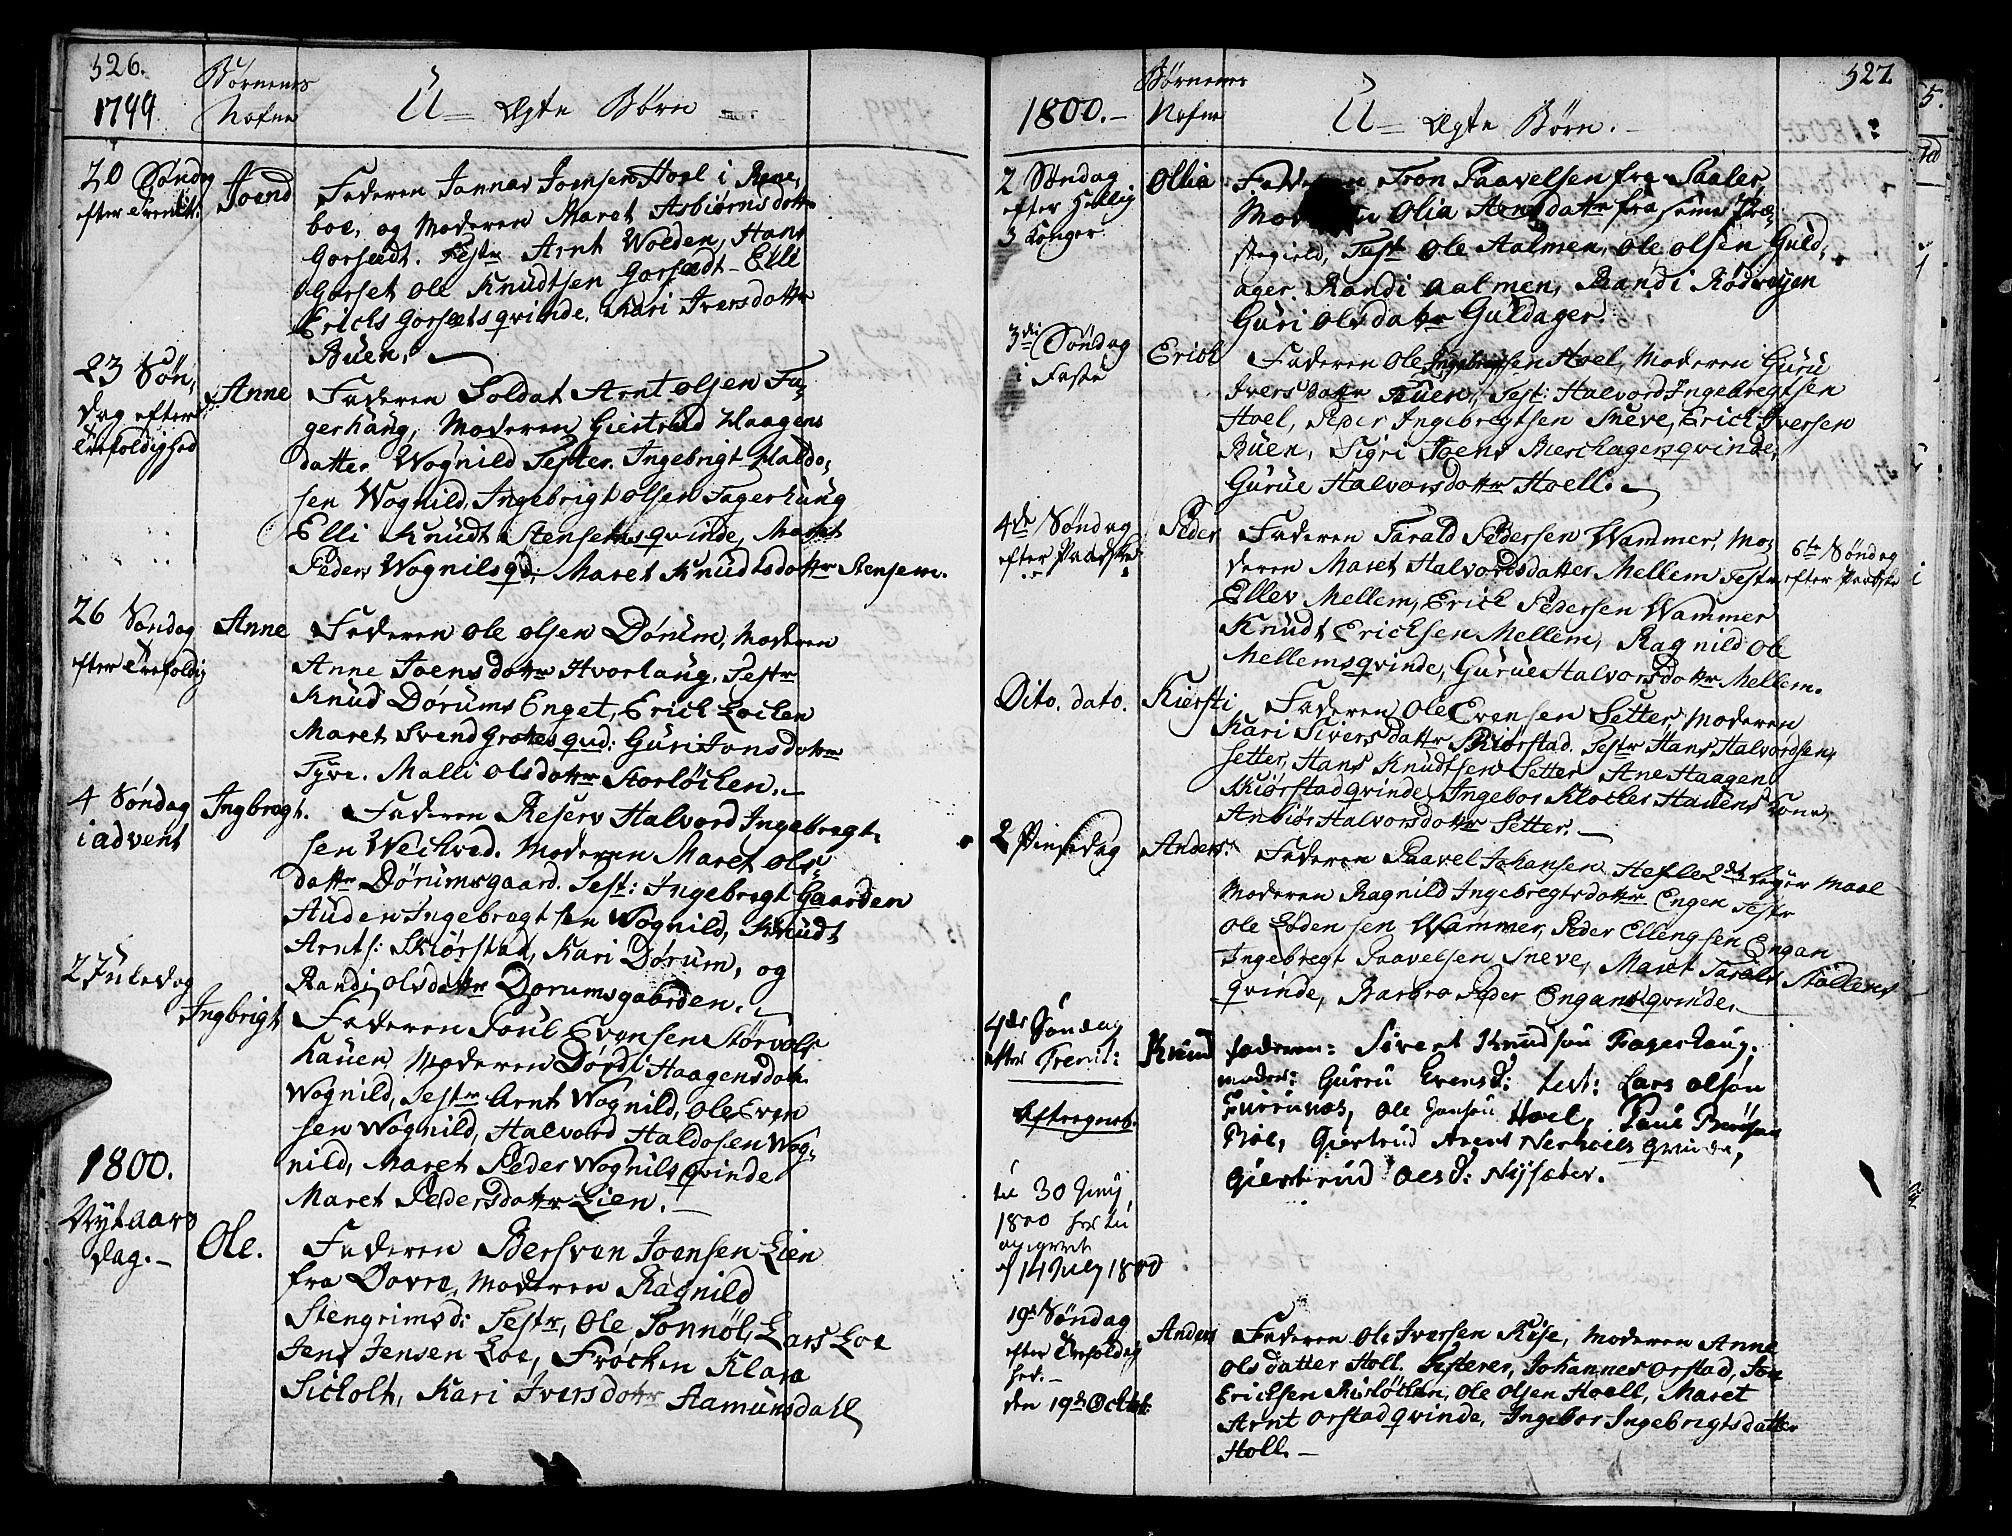 SAT, Ministerialprotokoller, klokkerbøker og fødselsregistre - Sør-Trøndelag, 678/L0893: Ministerialbok nr. 678A03, 1792-1805, s. 526-527